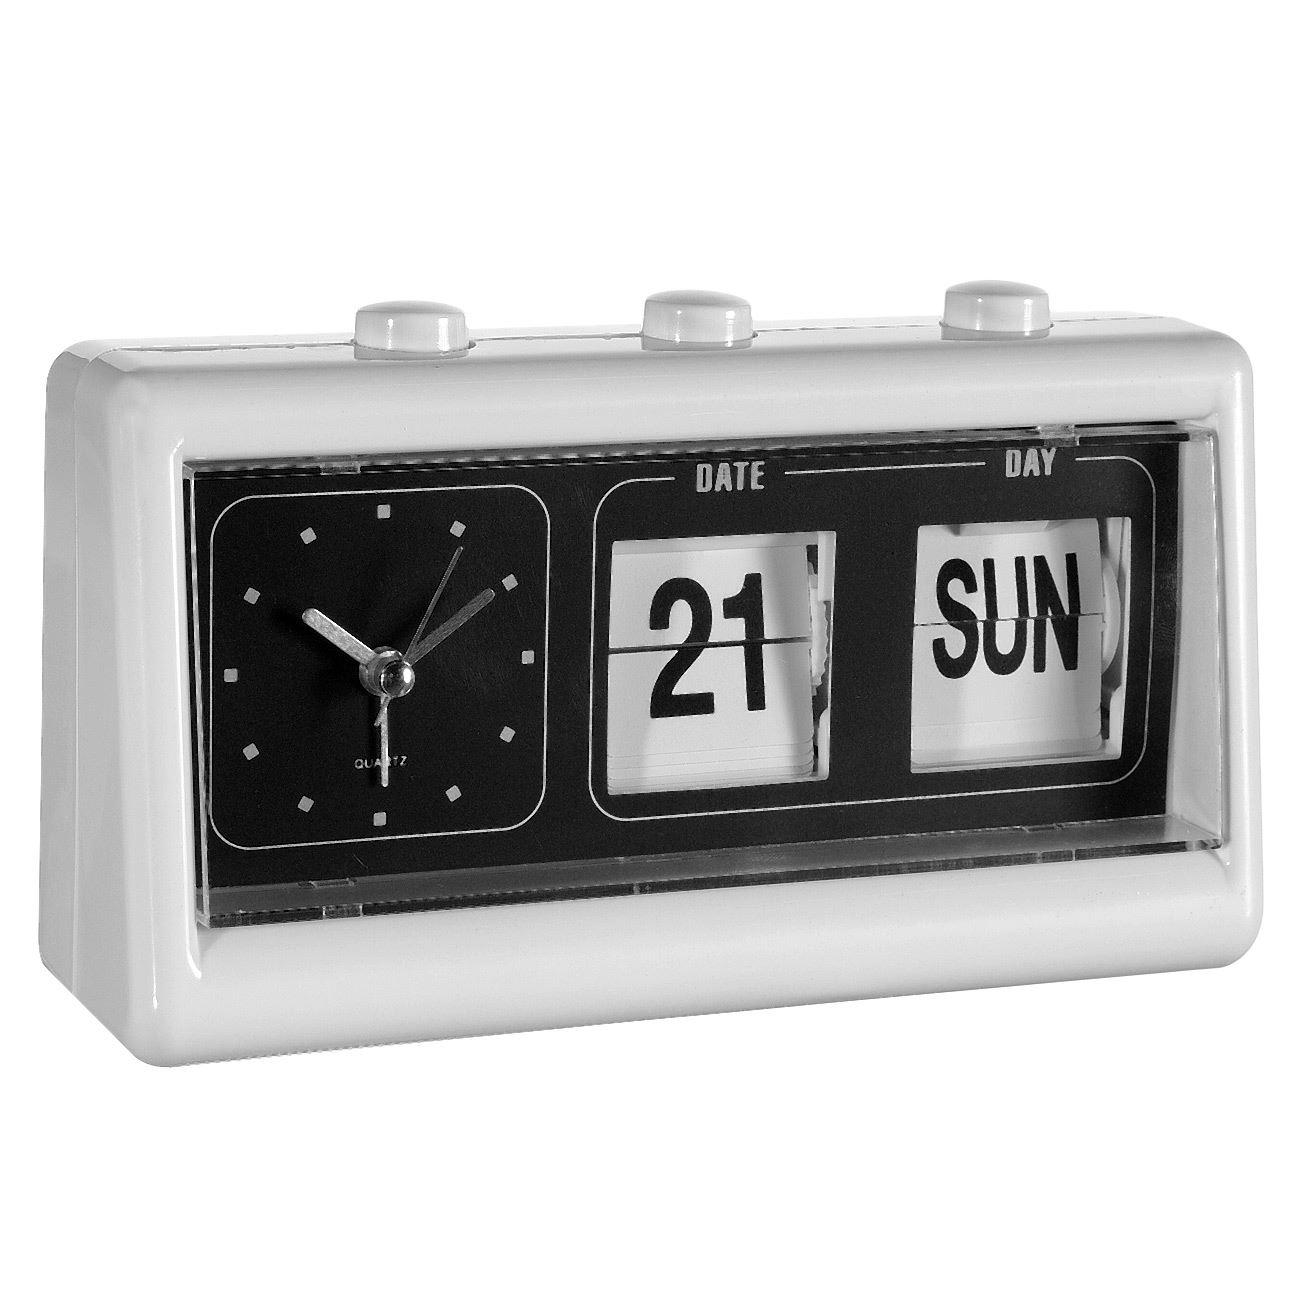 Ξυπνητήρι - Ημερολόγιο Επιτραπέζιο Λευκό 19x10x5   Επιτραπέζια ... 5aa9a61d585